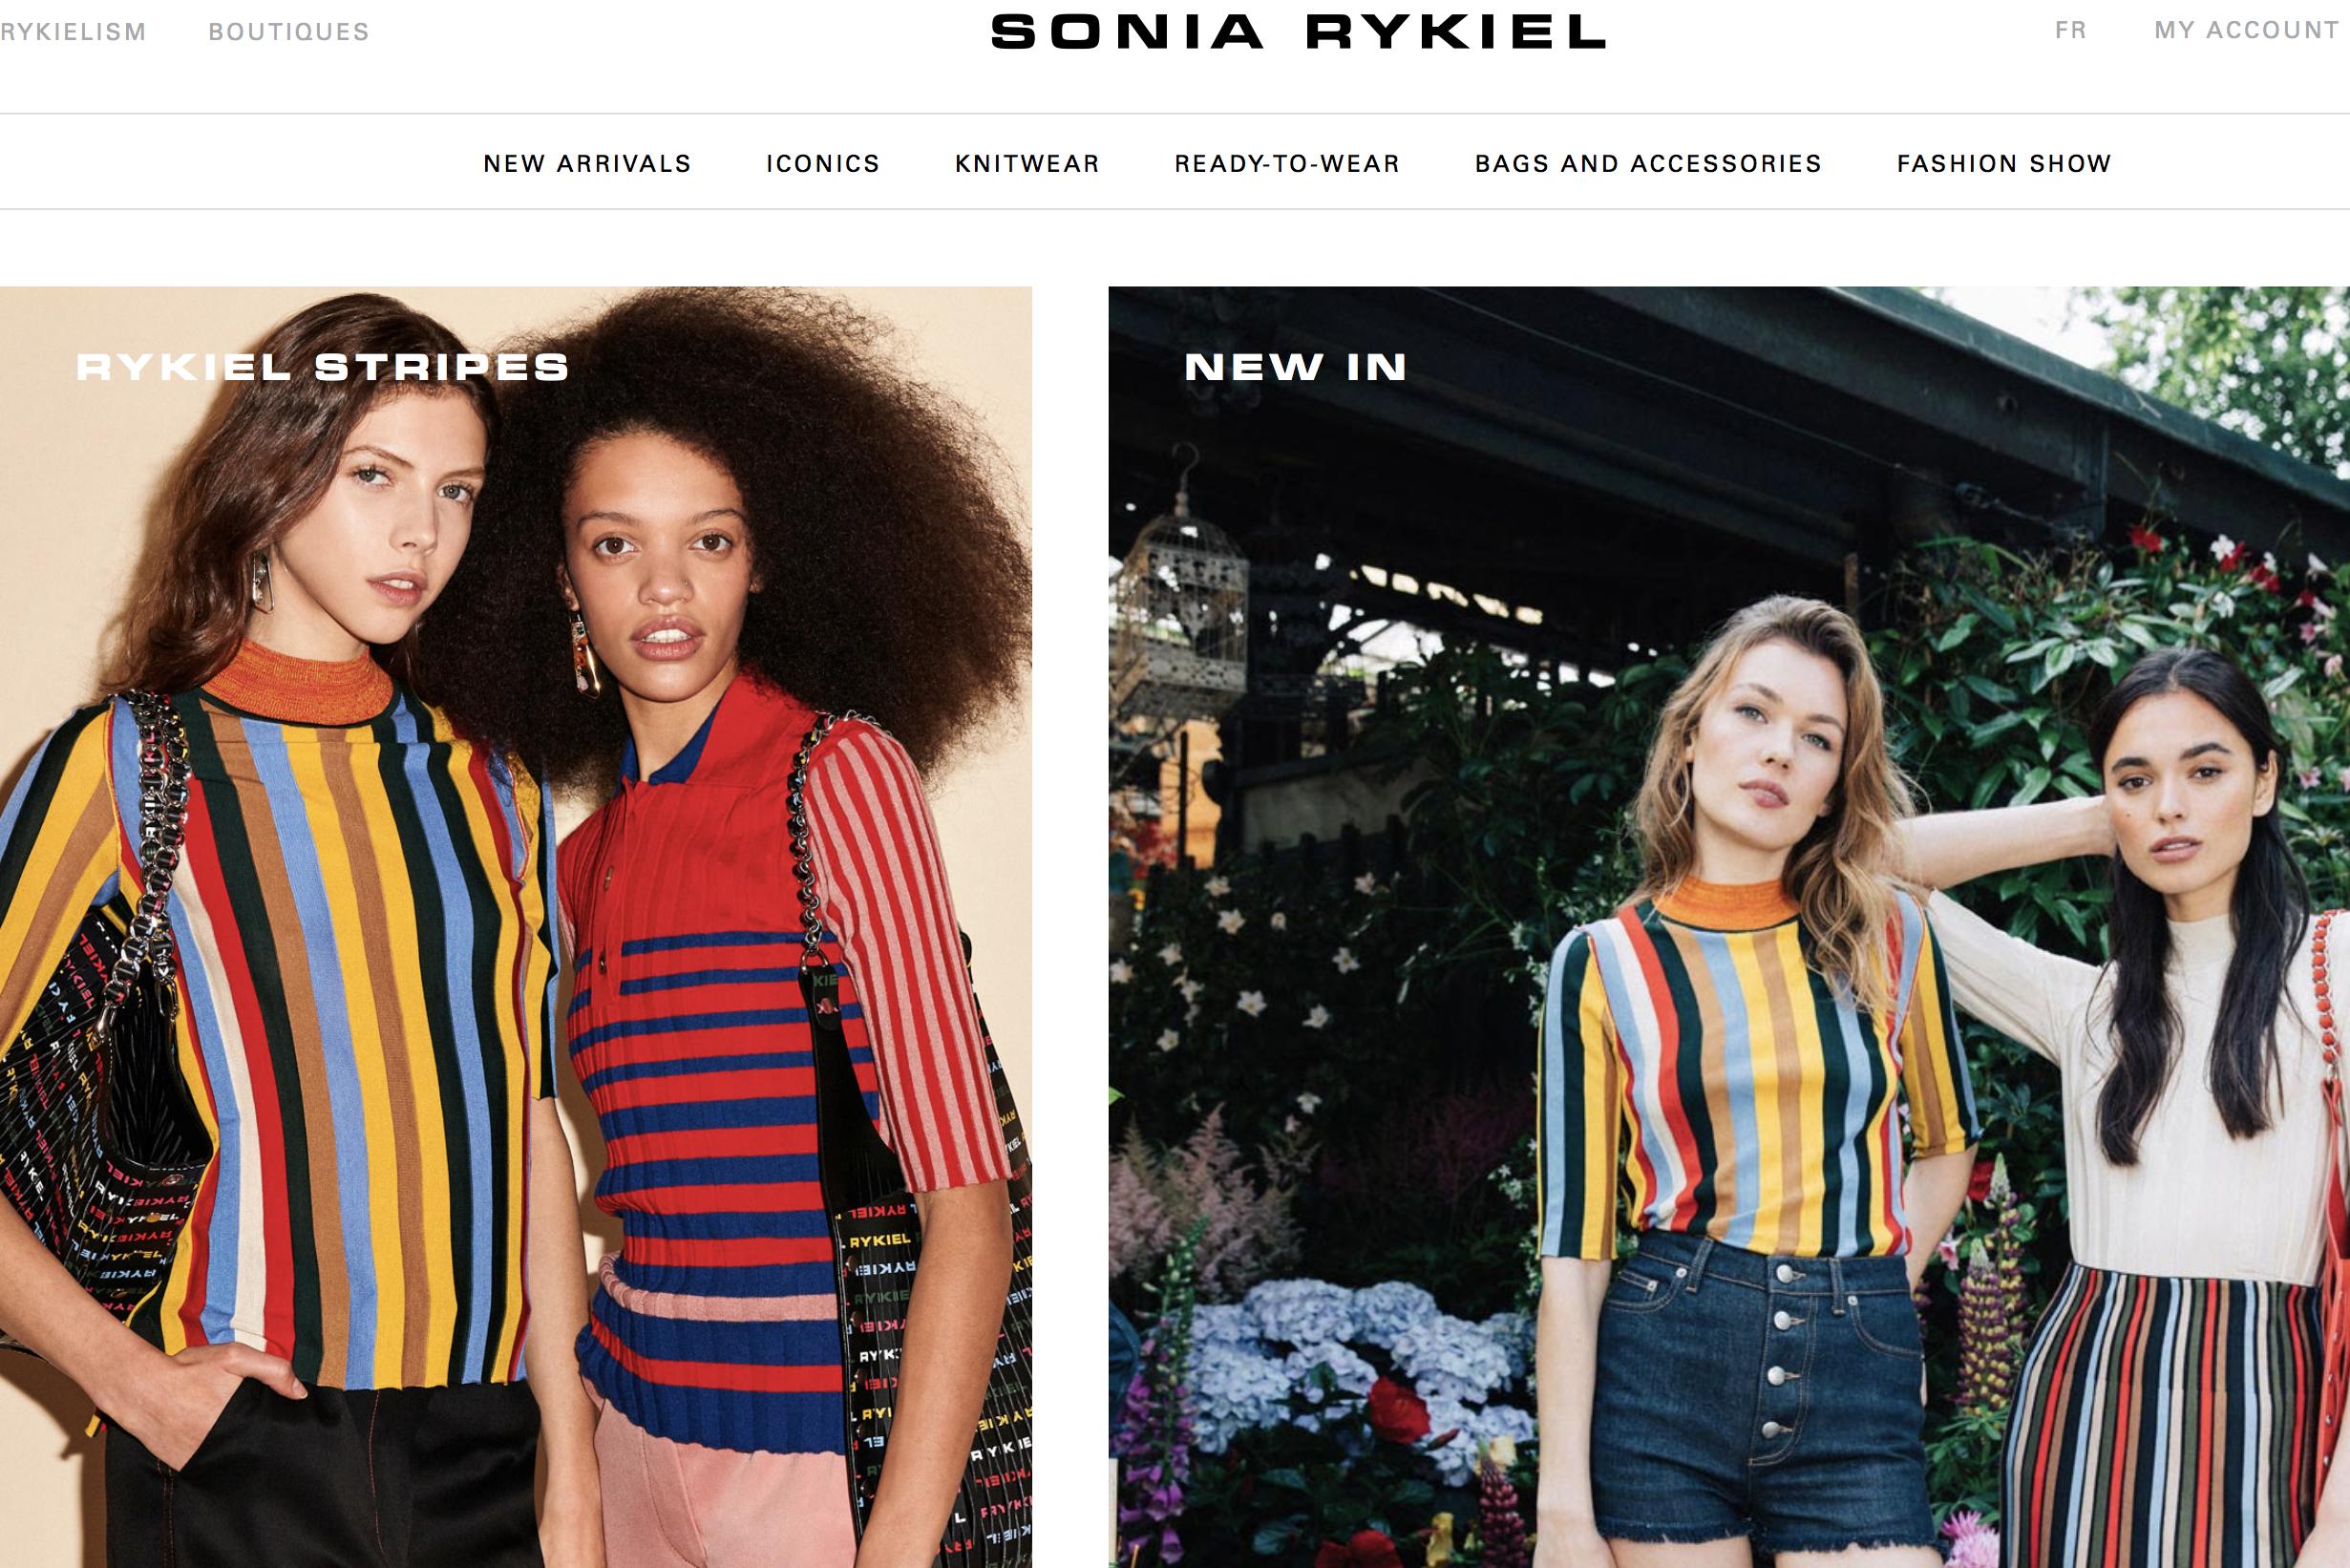 仍未收到满意的收购报价!法国著名针织时尚品牌 Sonia Rykiel 距离破产清算更近一步